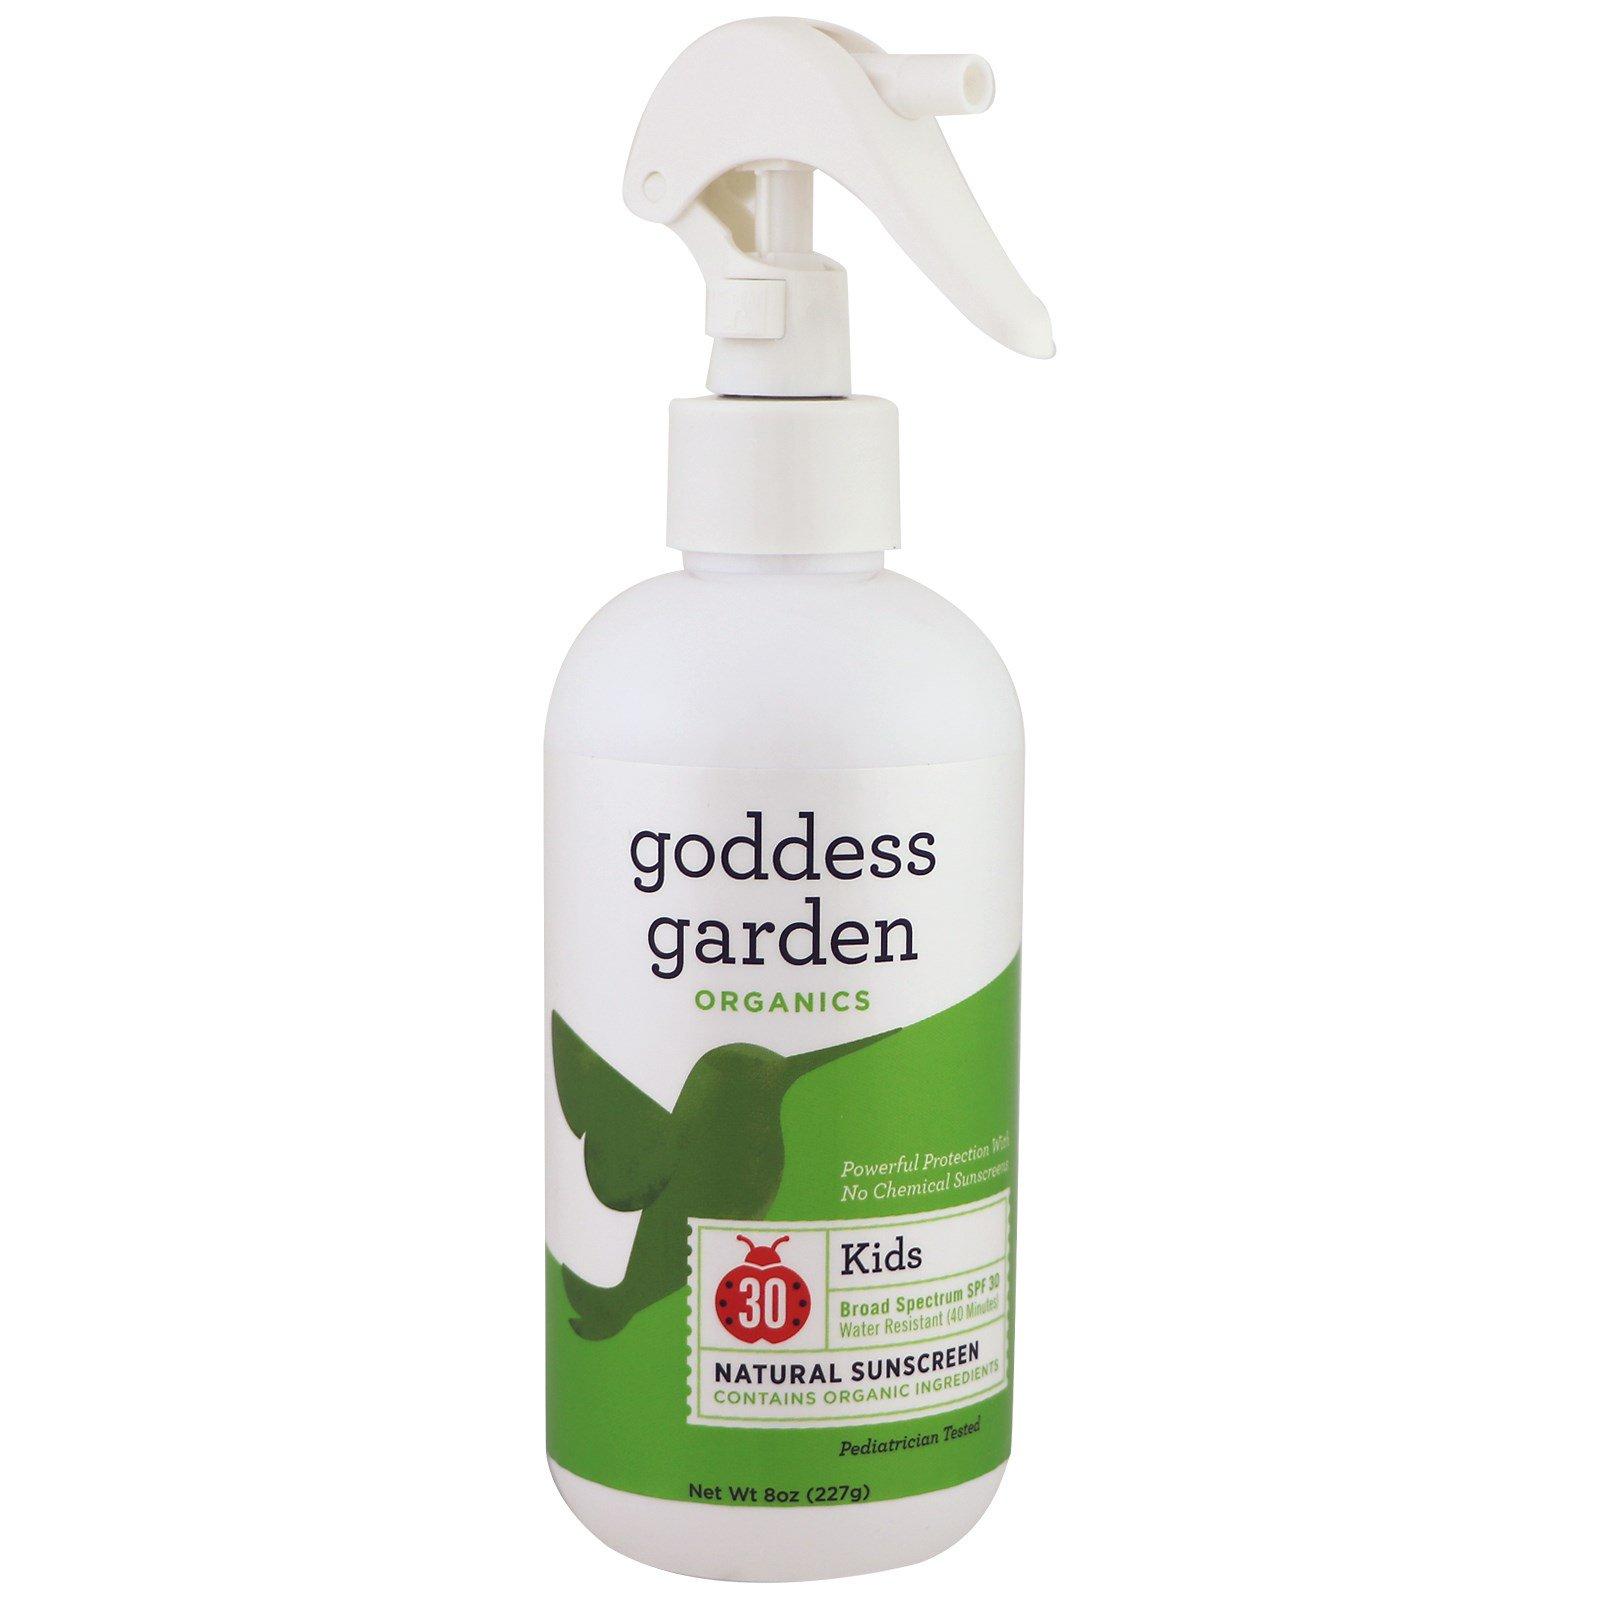 Goddess Garden, Organics, натуральное солнцезащитное средство для детей, SPF 30, 8 унций (236 мл)